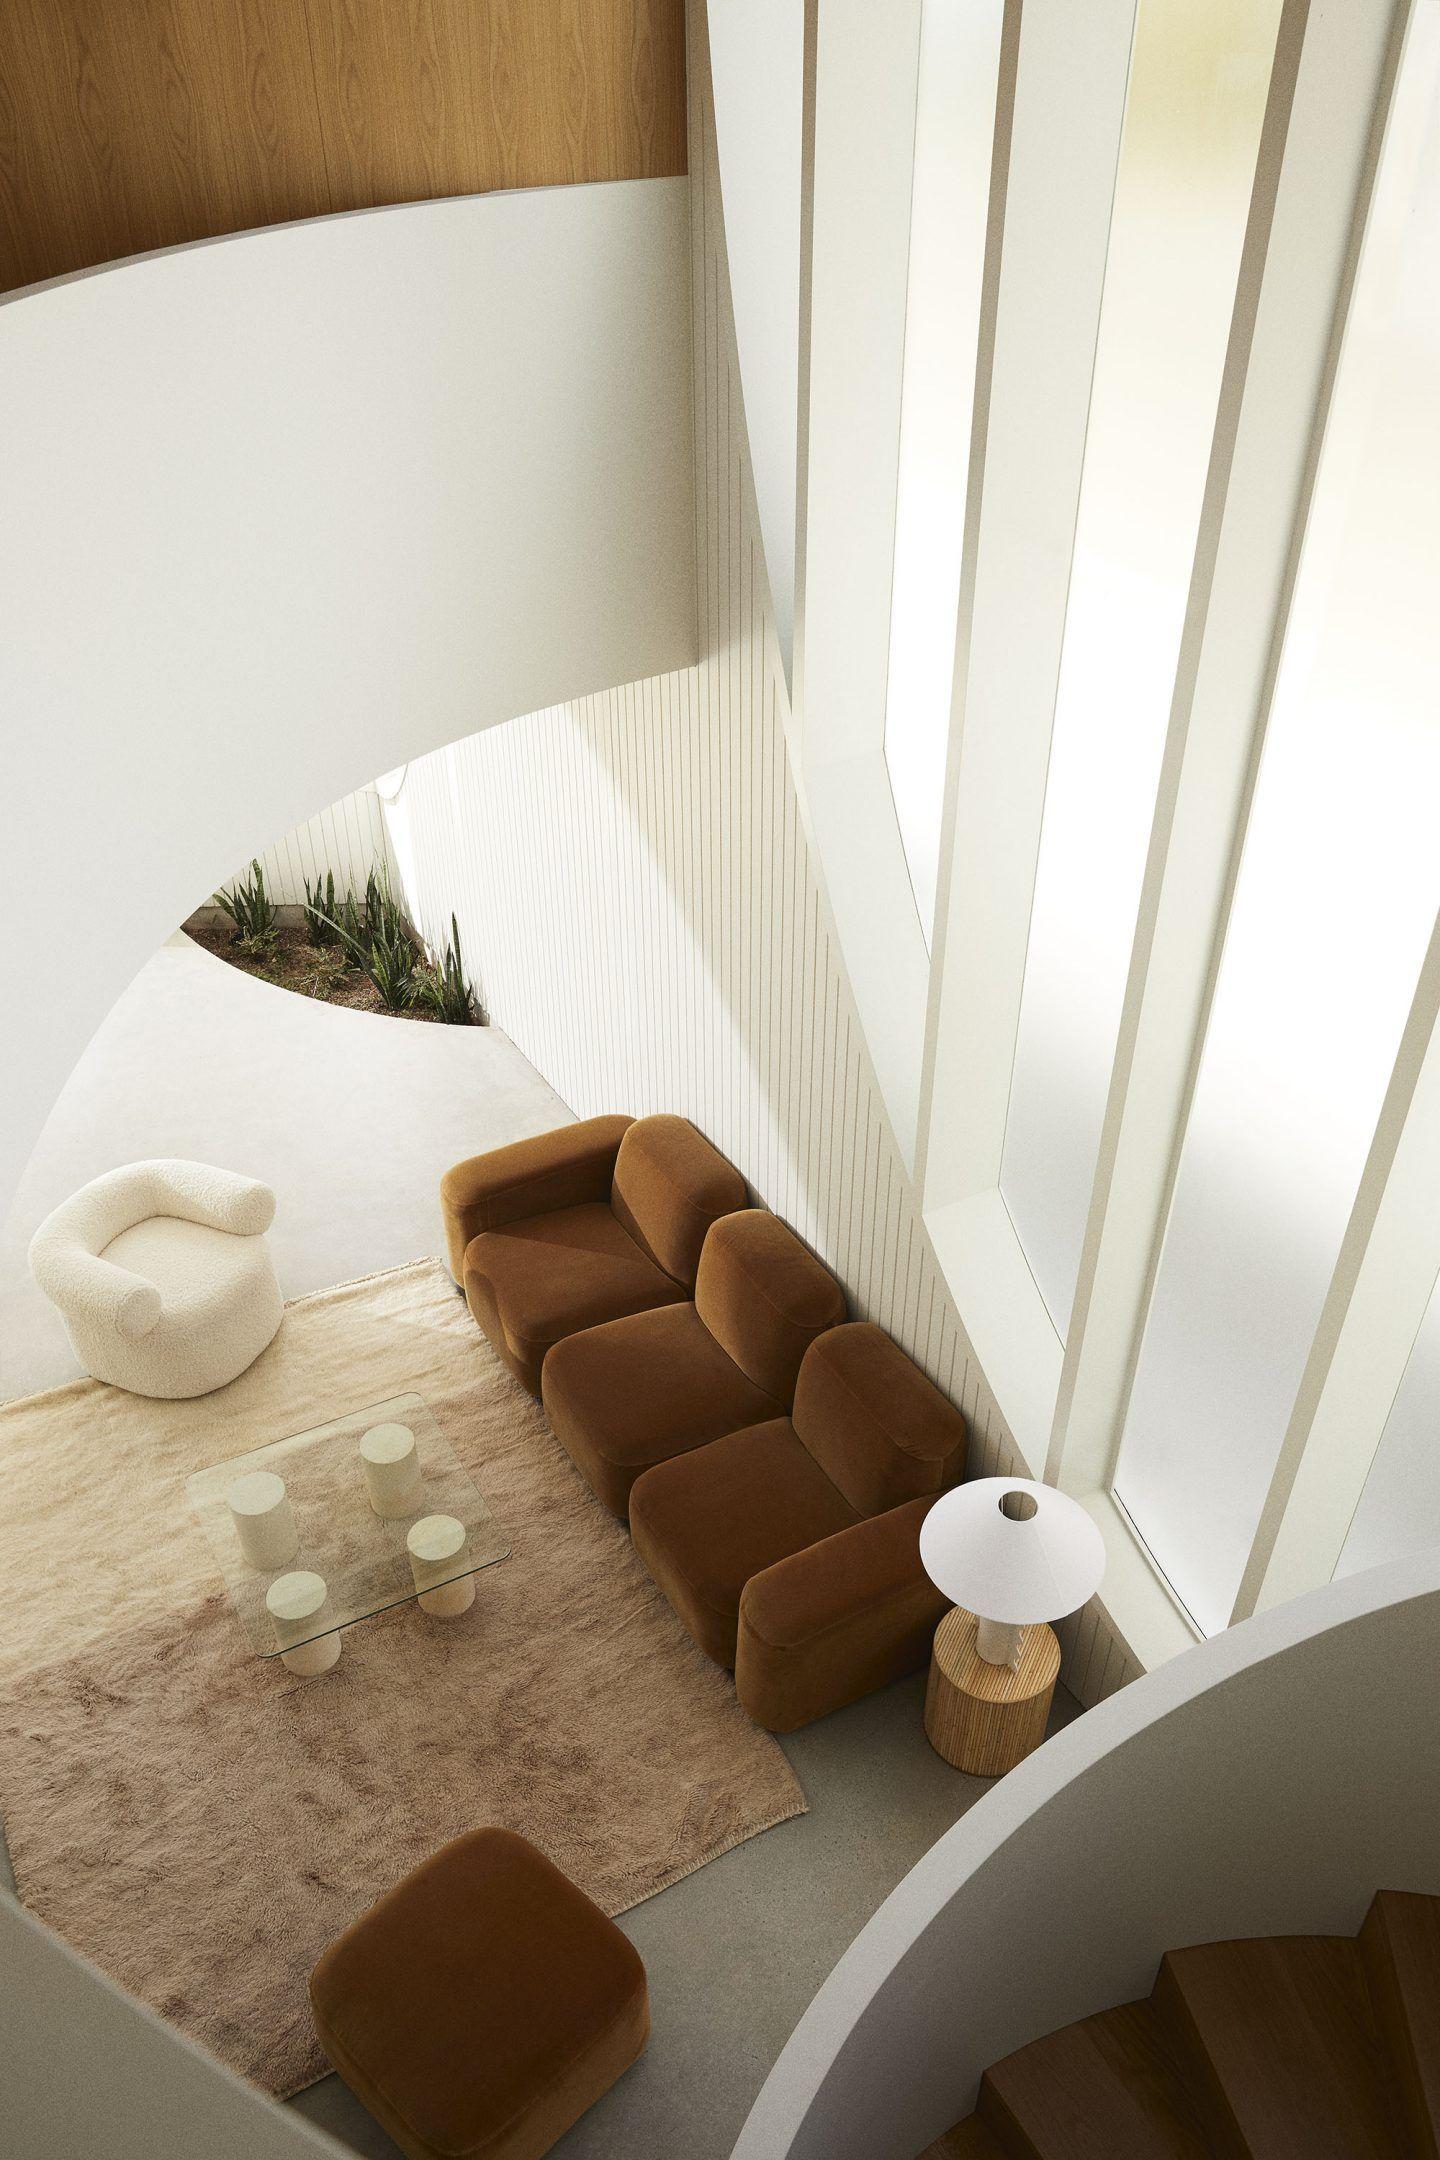 IGNANT-Design-Sarah-Ellison-Sol-07